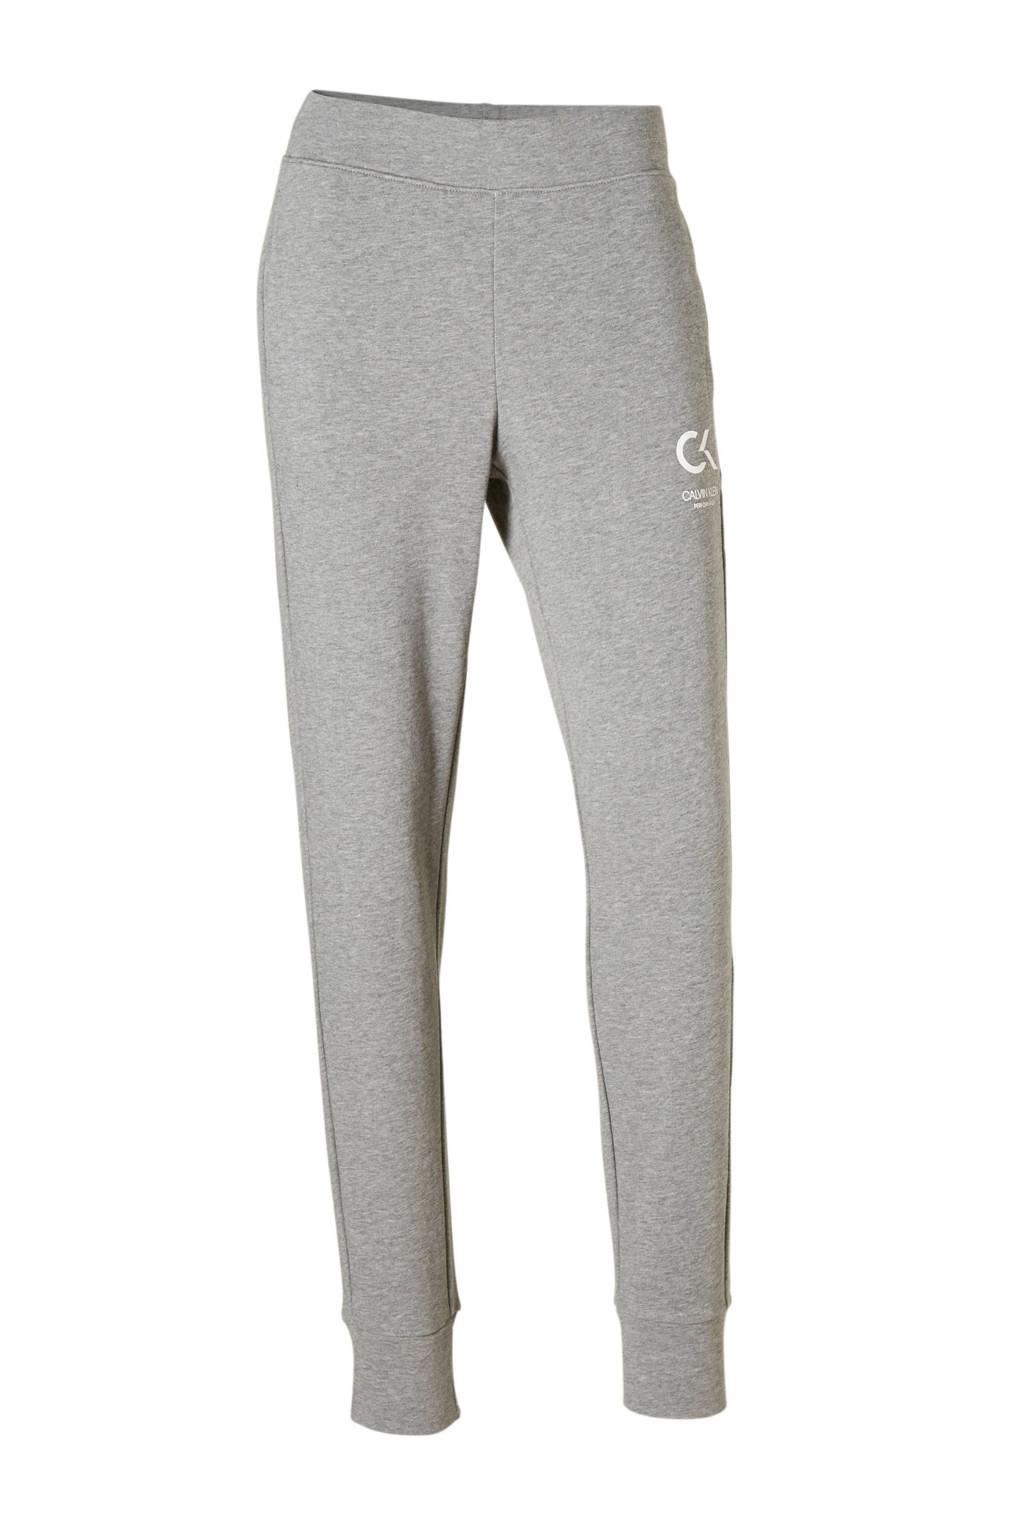 Calvin Klein Performance joggingbroek, Grijs melange/wit